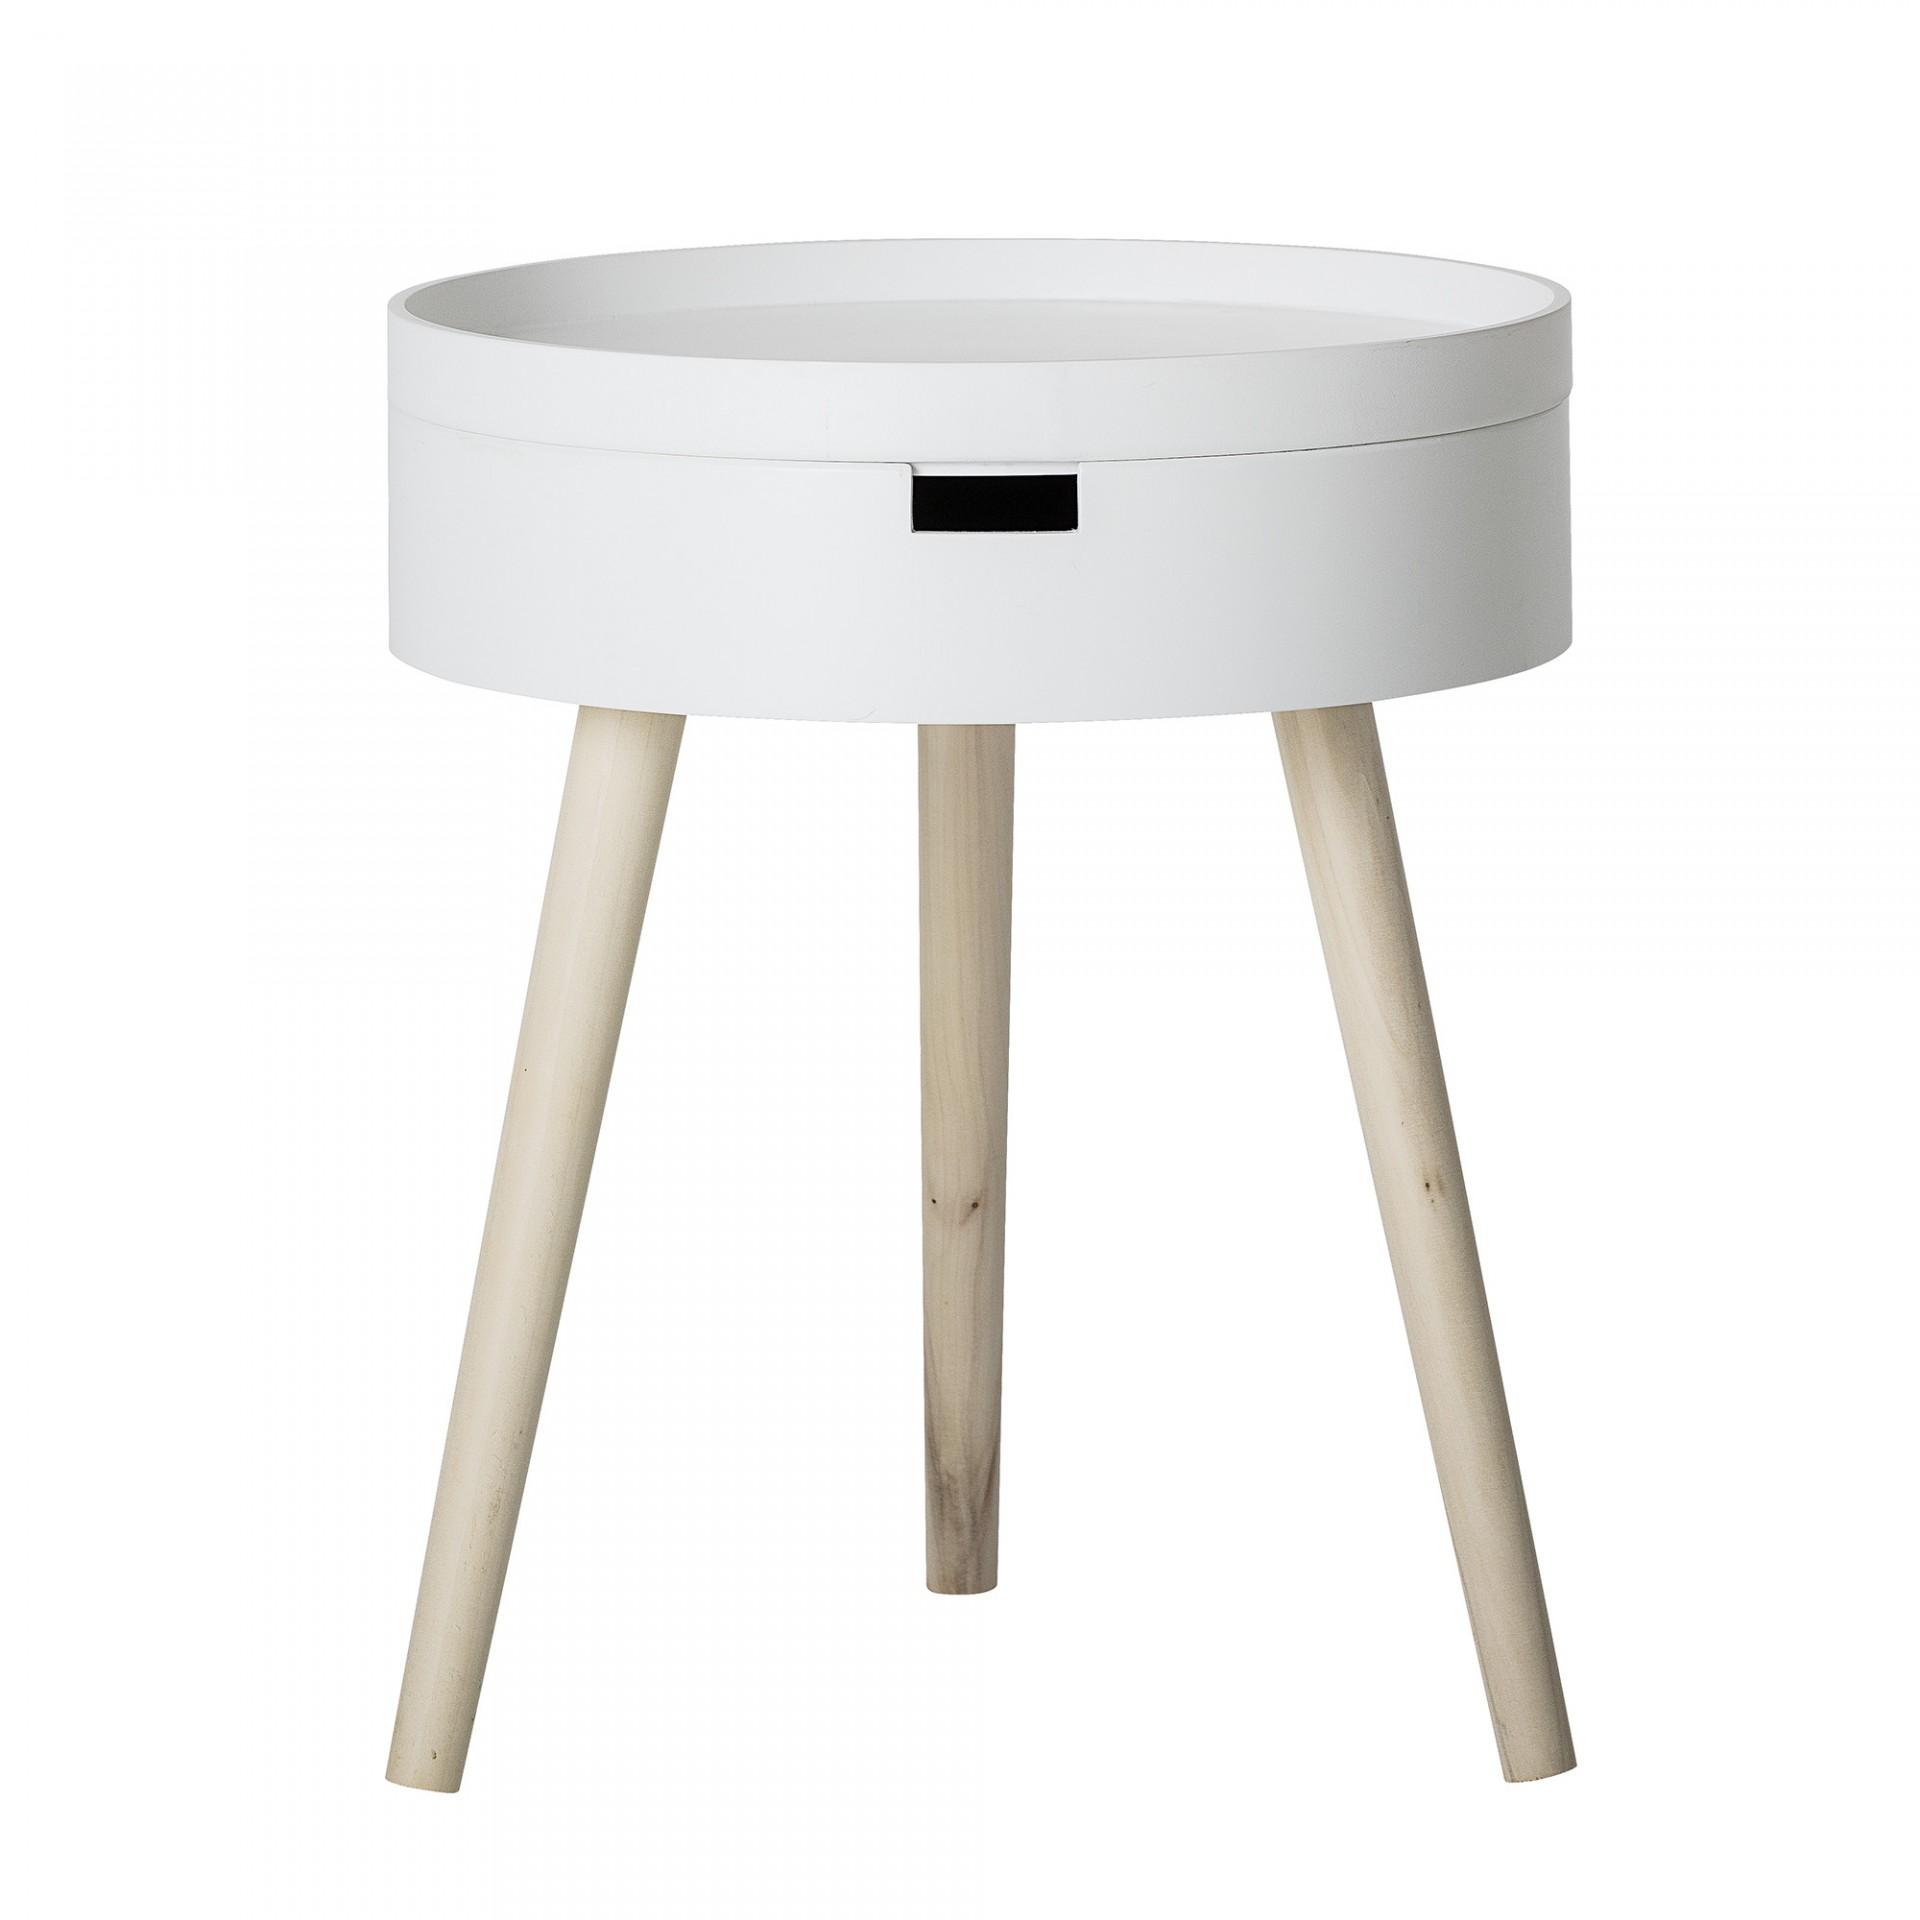 Mesa de apoio Tappa, madeira de pinho/MDF lacado, branco, Ø38x47 cm